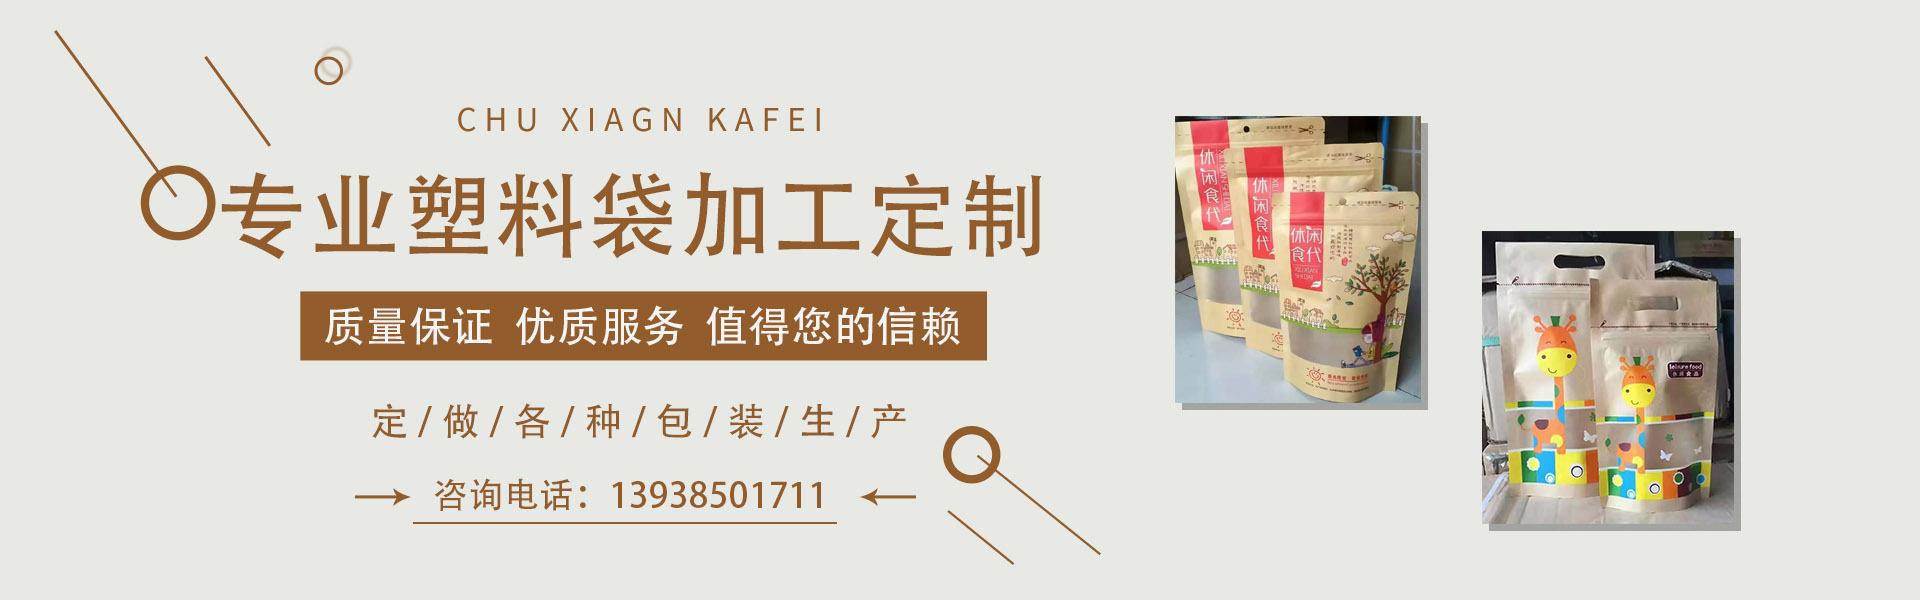 郑州食品袋厂家